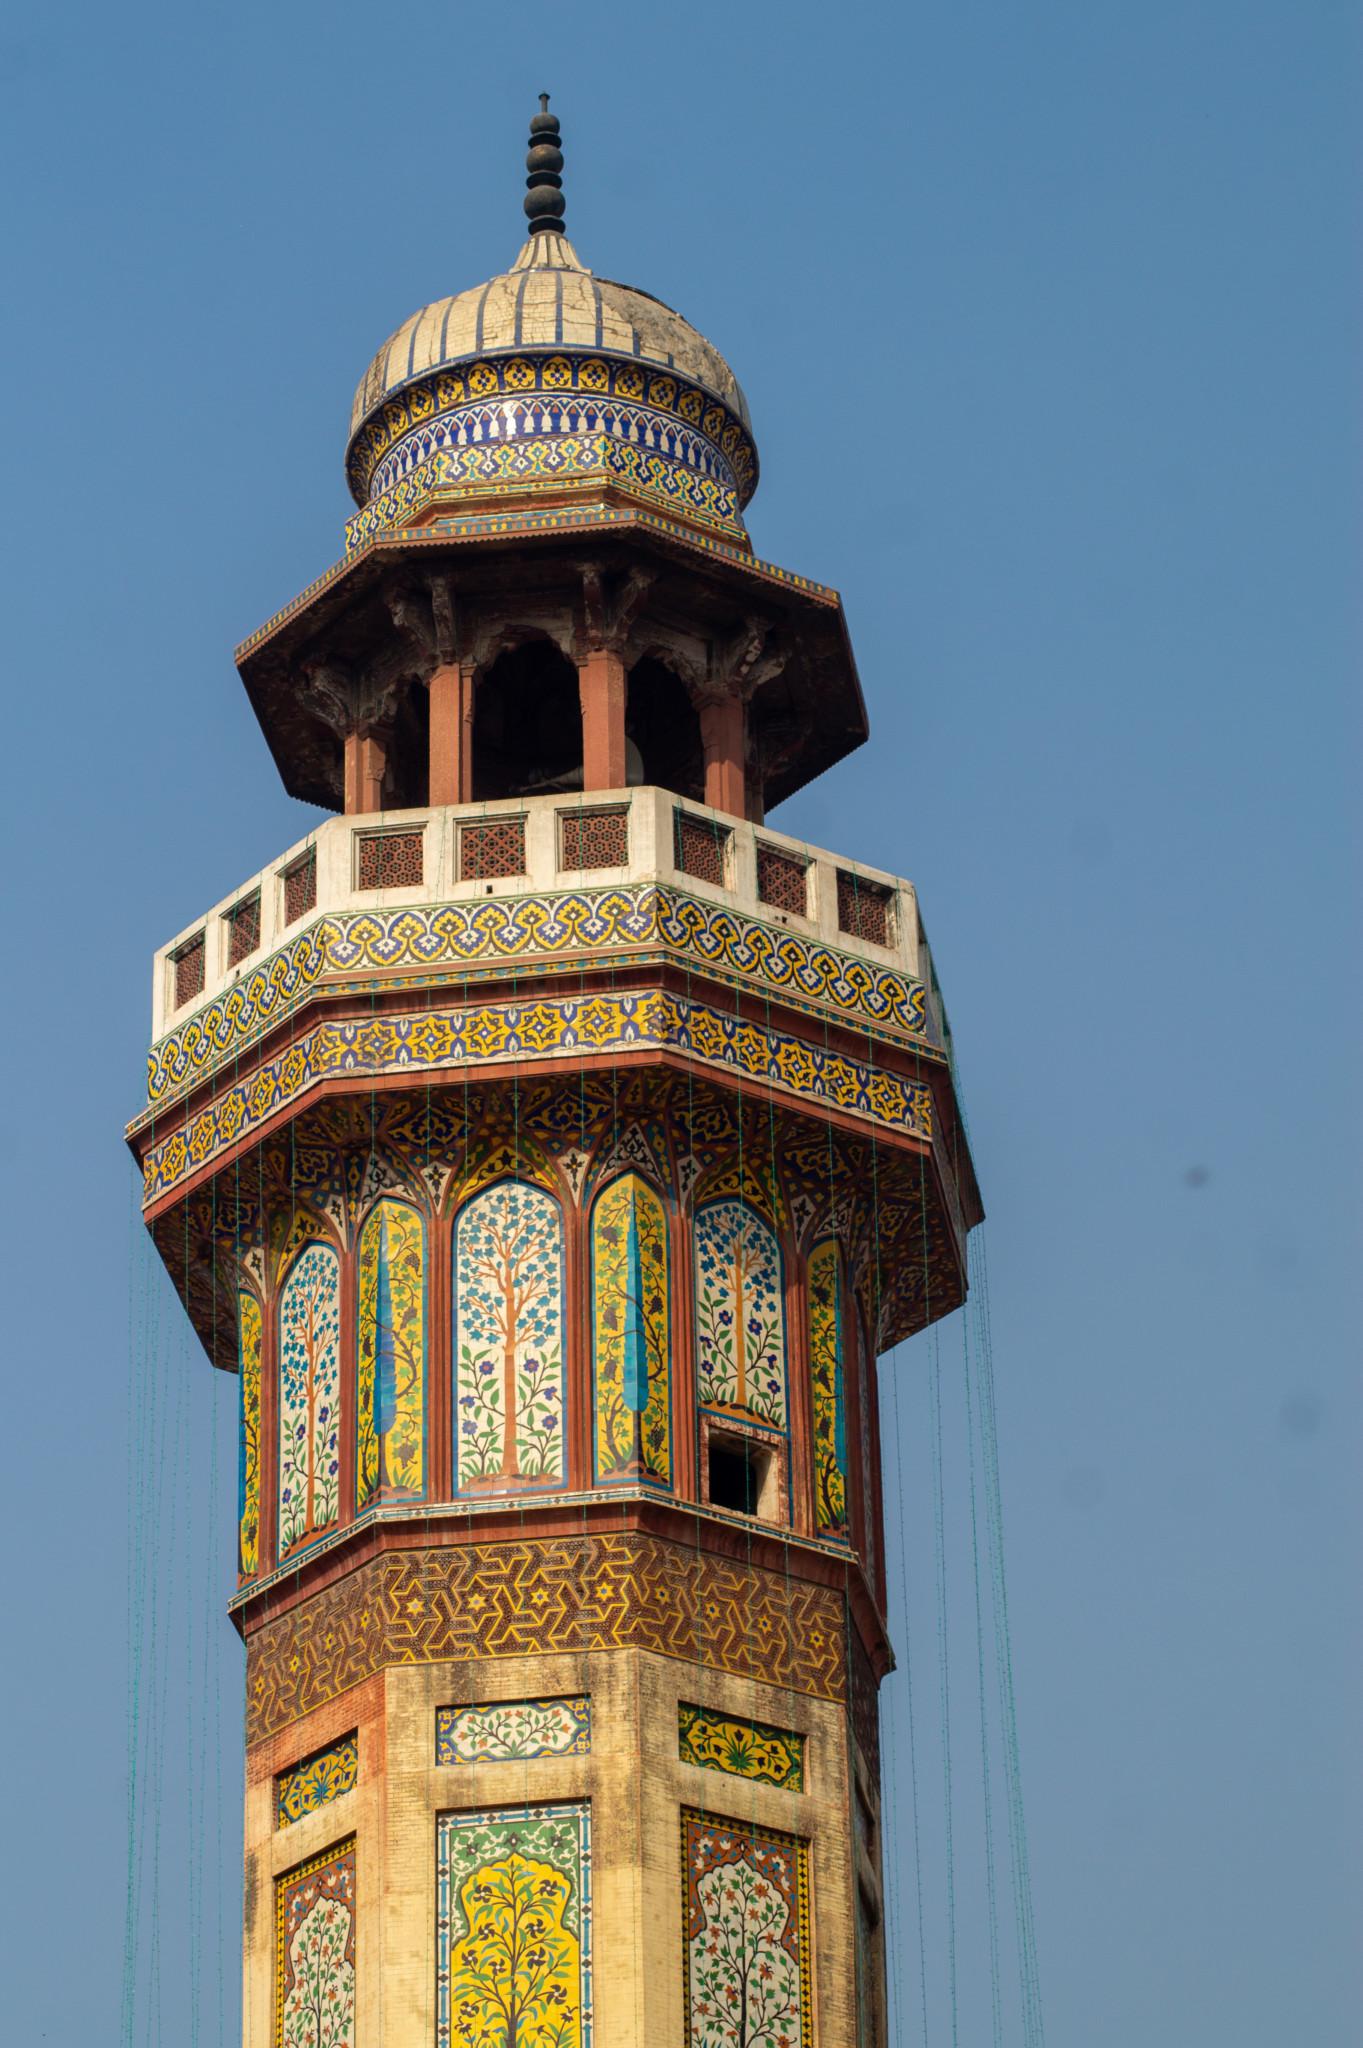 Minarett der Wazir Khan Moschee